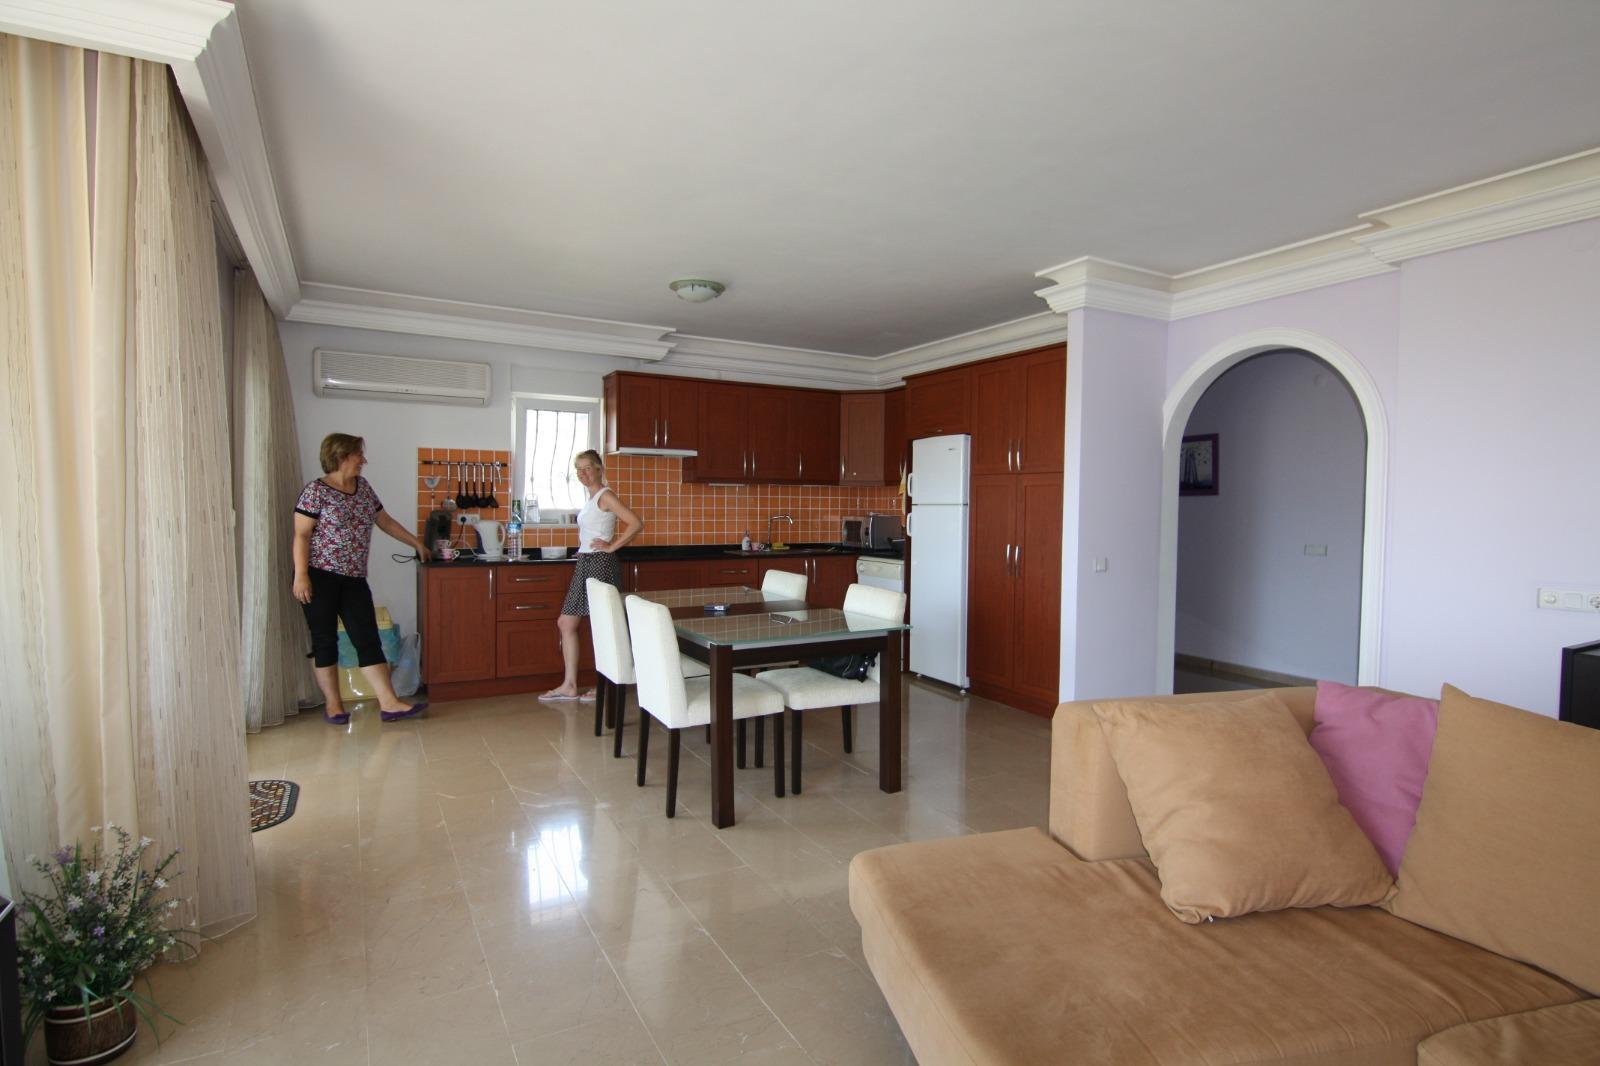 Трехкомнатная меблированная квартира  с видом на горы и море с красивым садом с пальмами